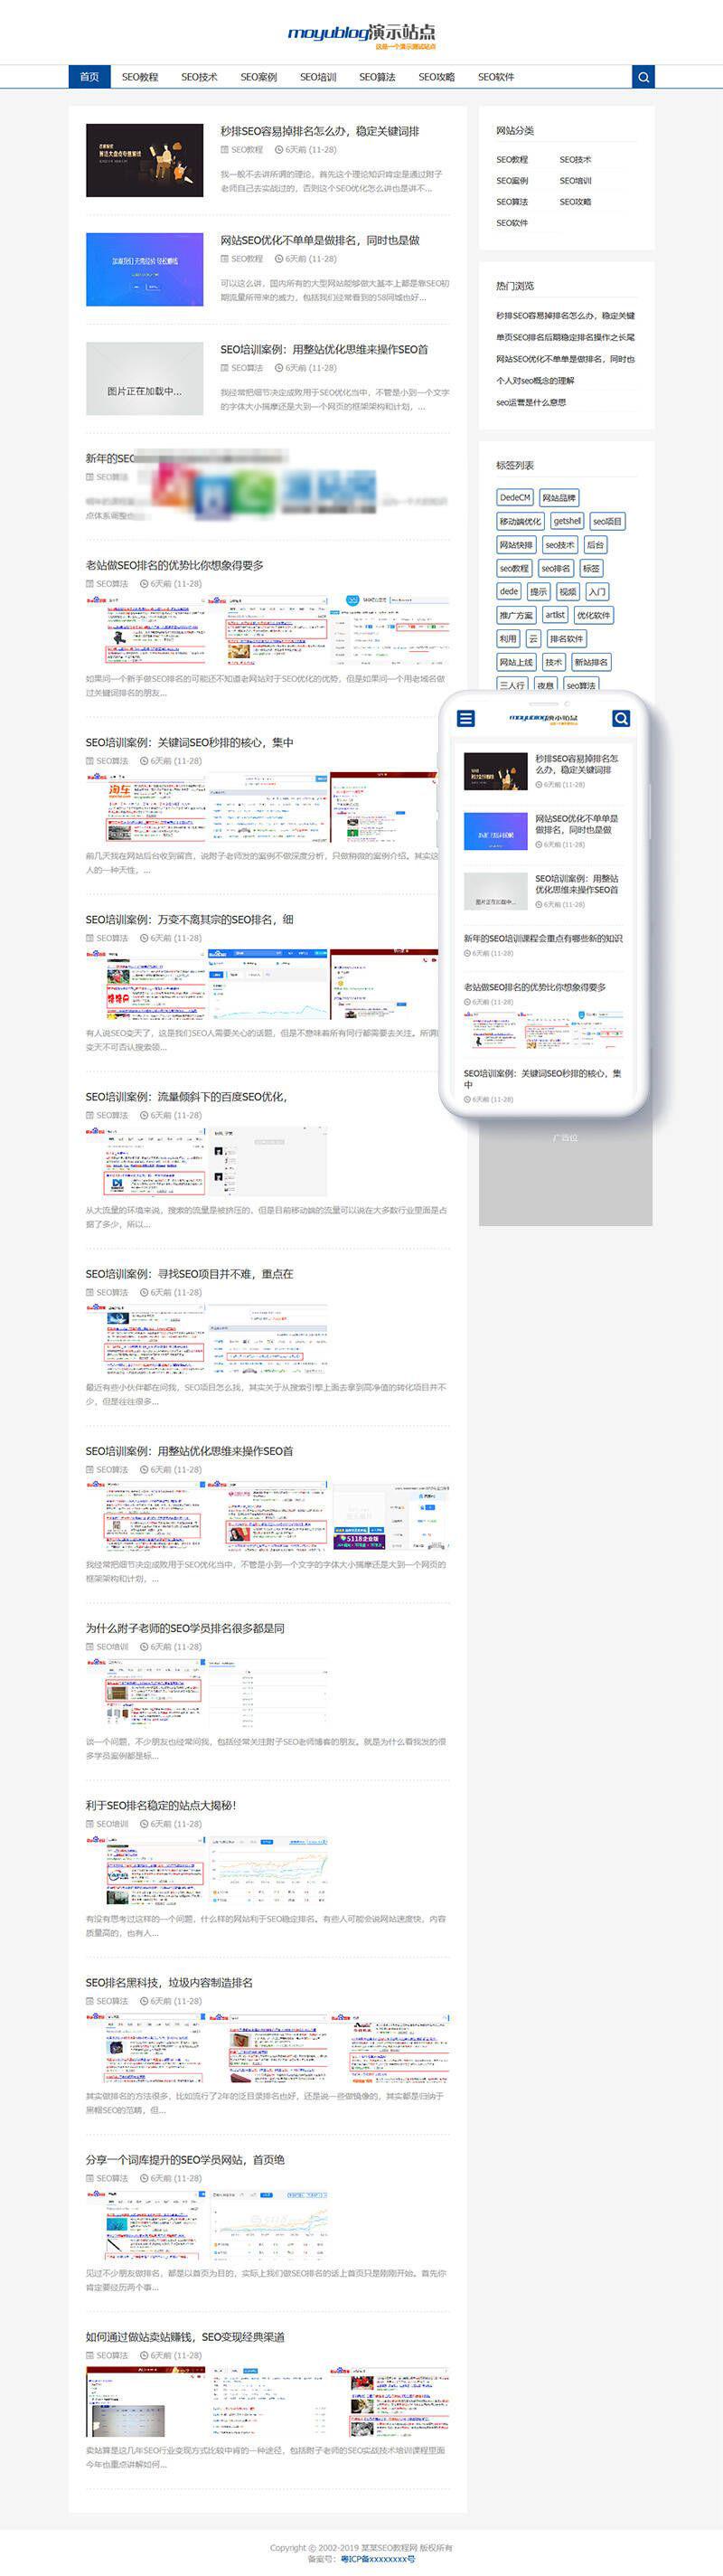 SEO教程资讯dedecms网站响应式自适应手机端插图